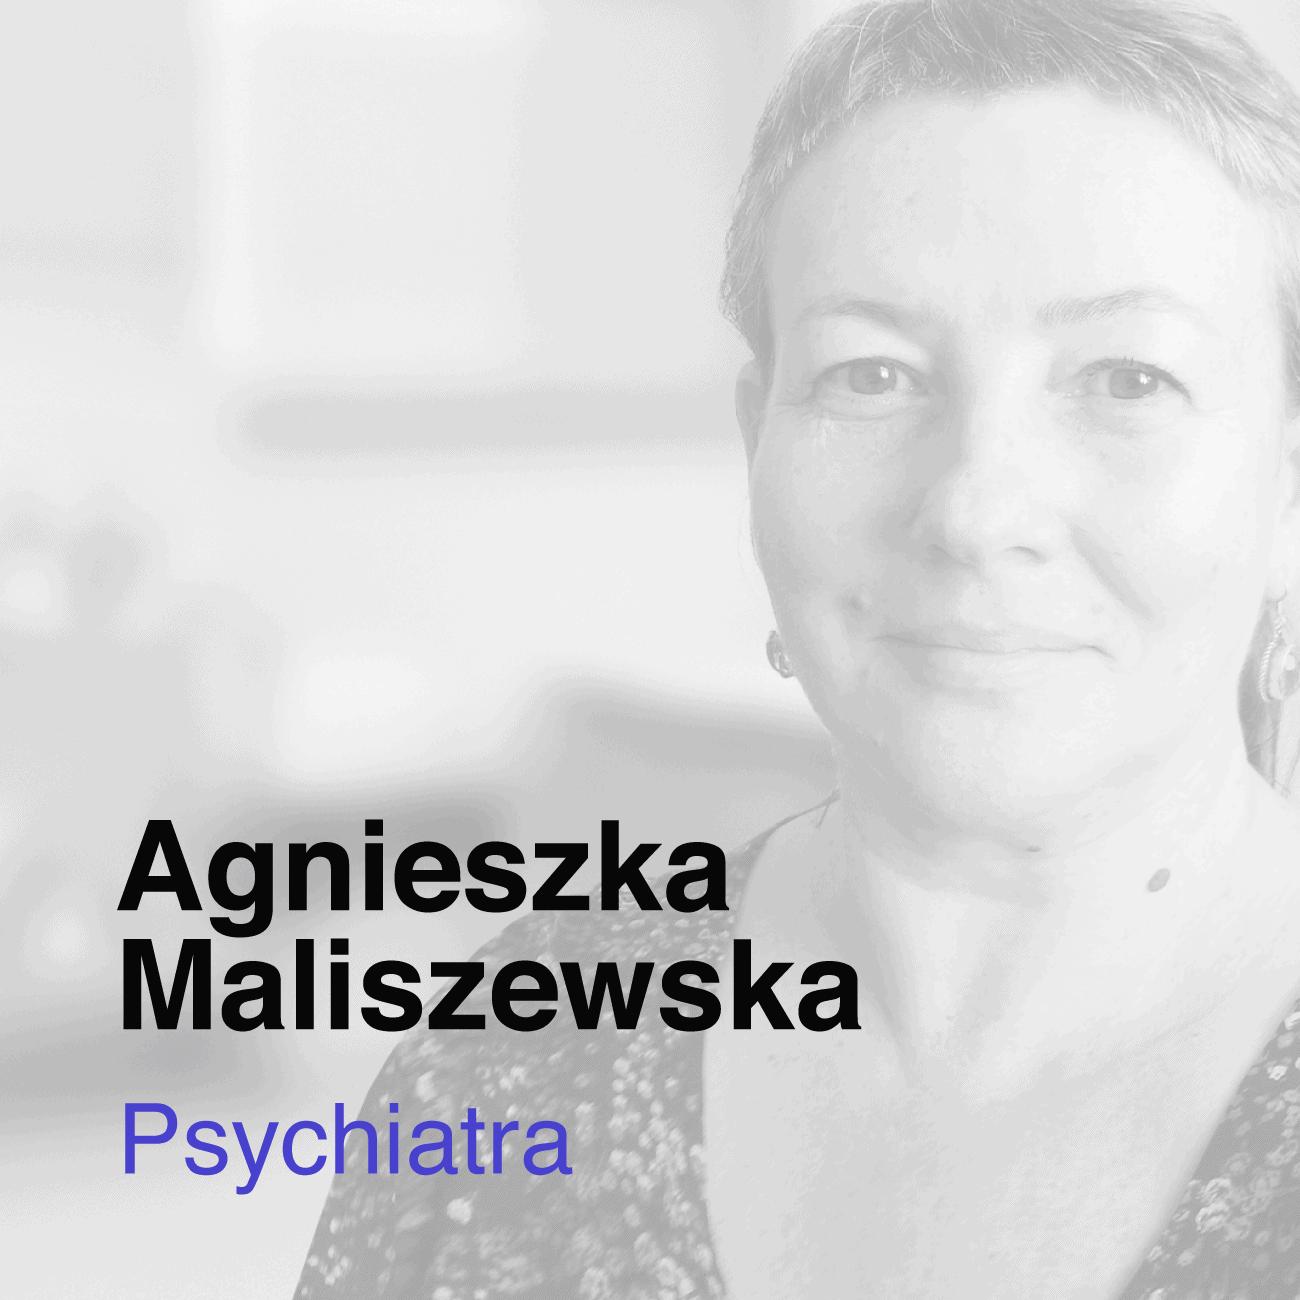 Agnieszka Maliszewska Psychiatra